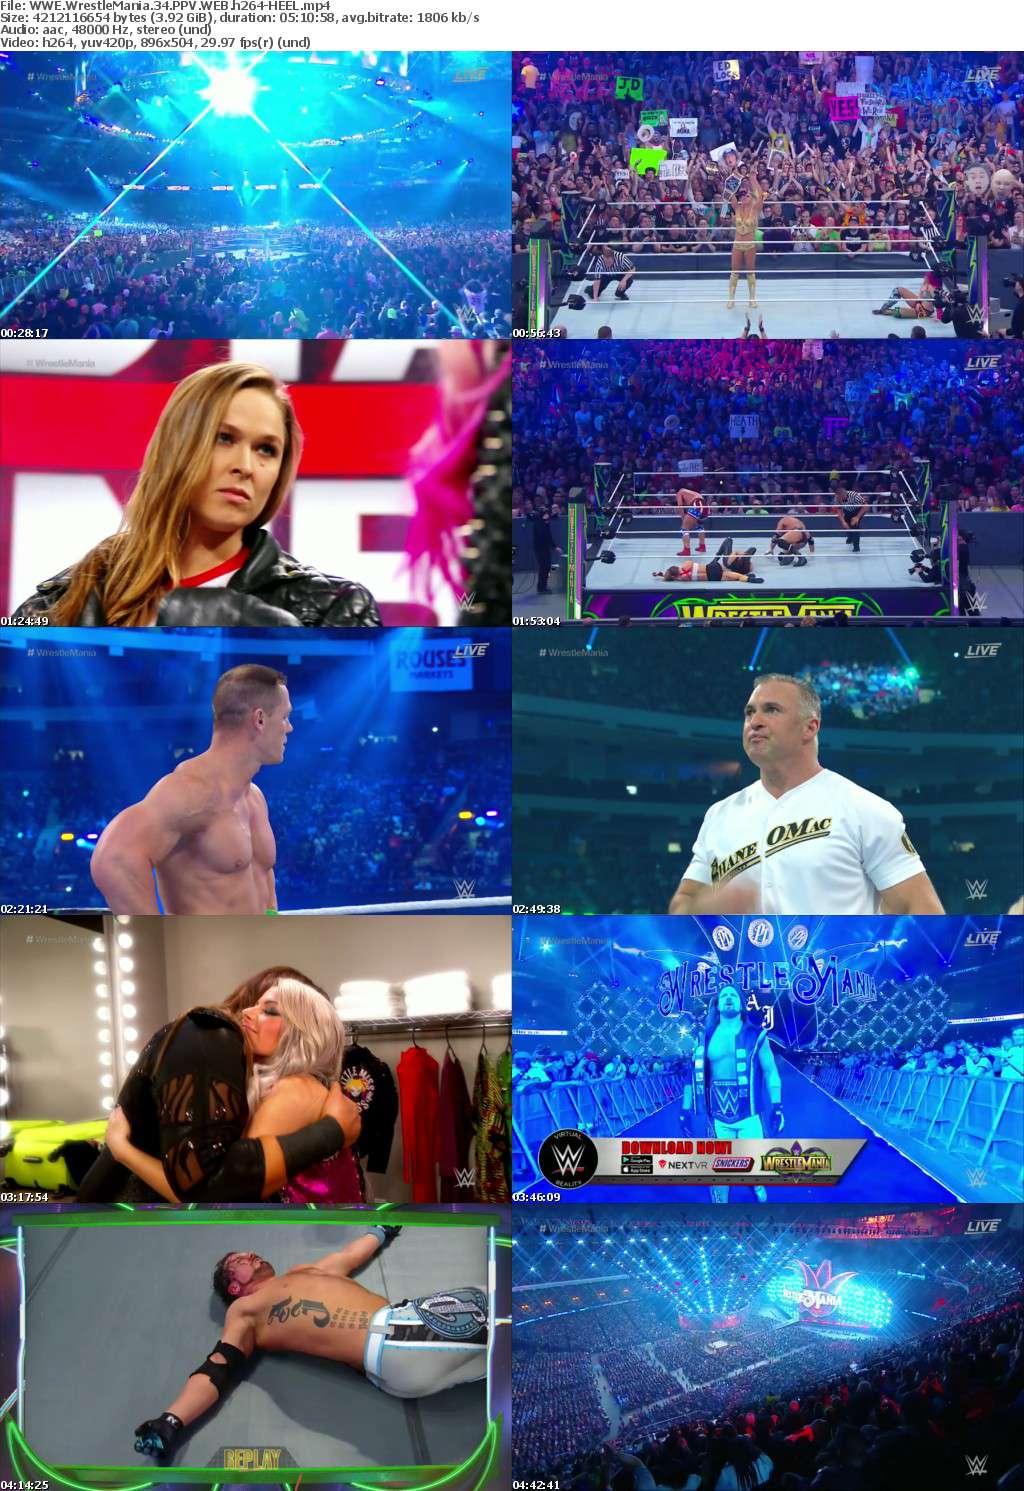 WWE Wrestlemania 34 PPV WEB H264 HEEL